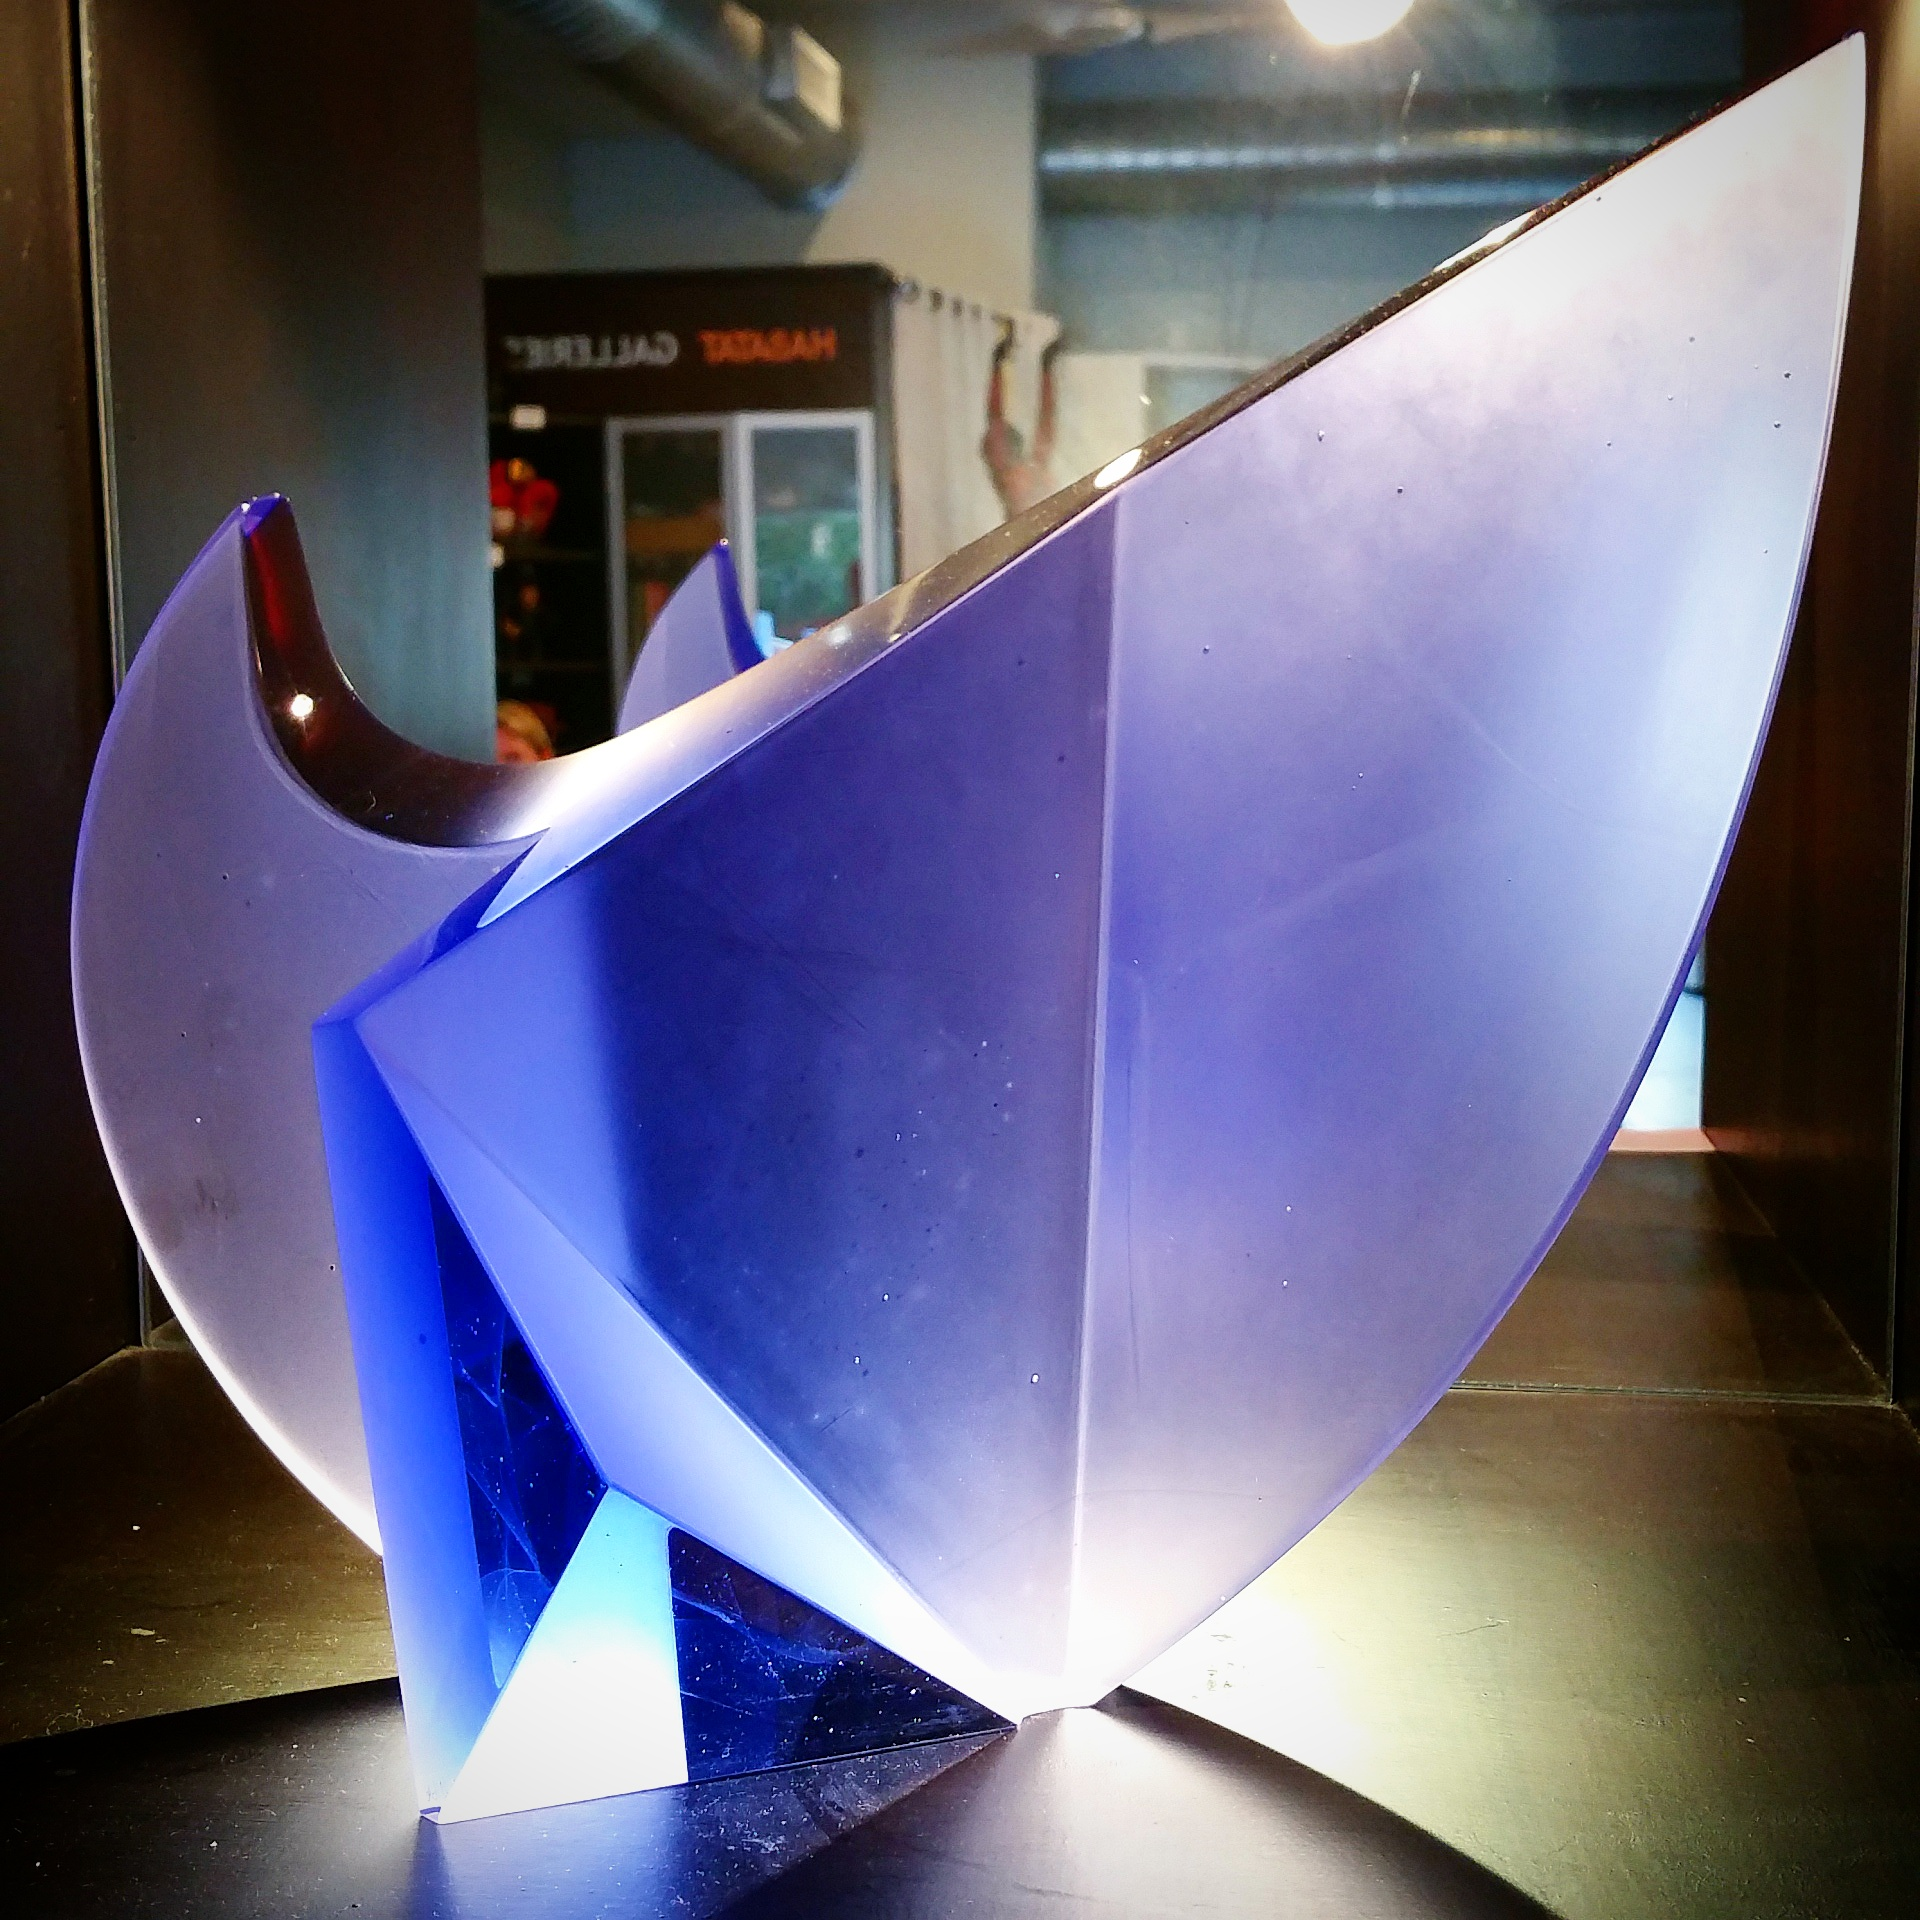 Sculpture by Vladimira Klumpar